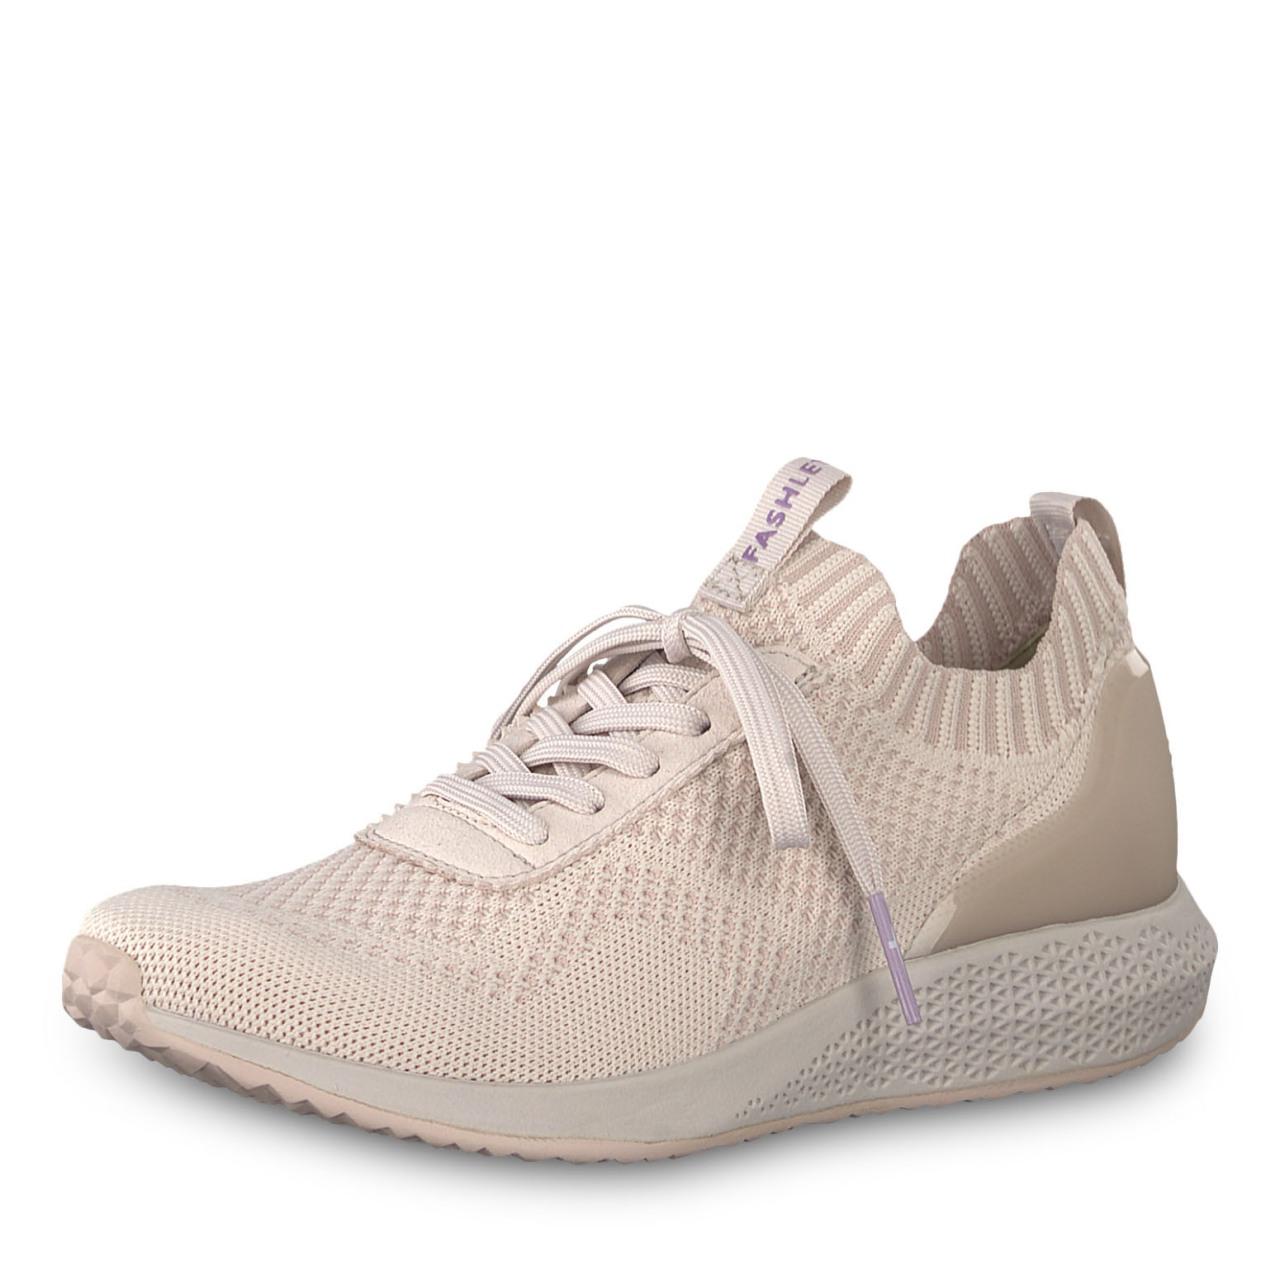 e8c66791 Tamaris sko rosa. Lyse rosa joggesko til dame. Sko fra Tamaris ...